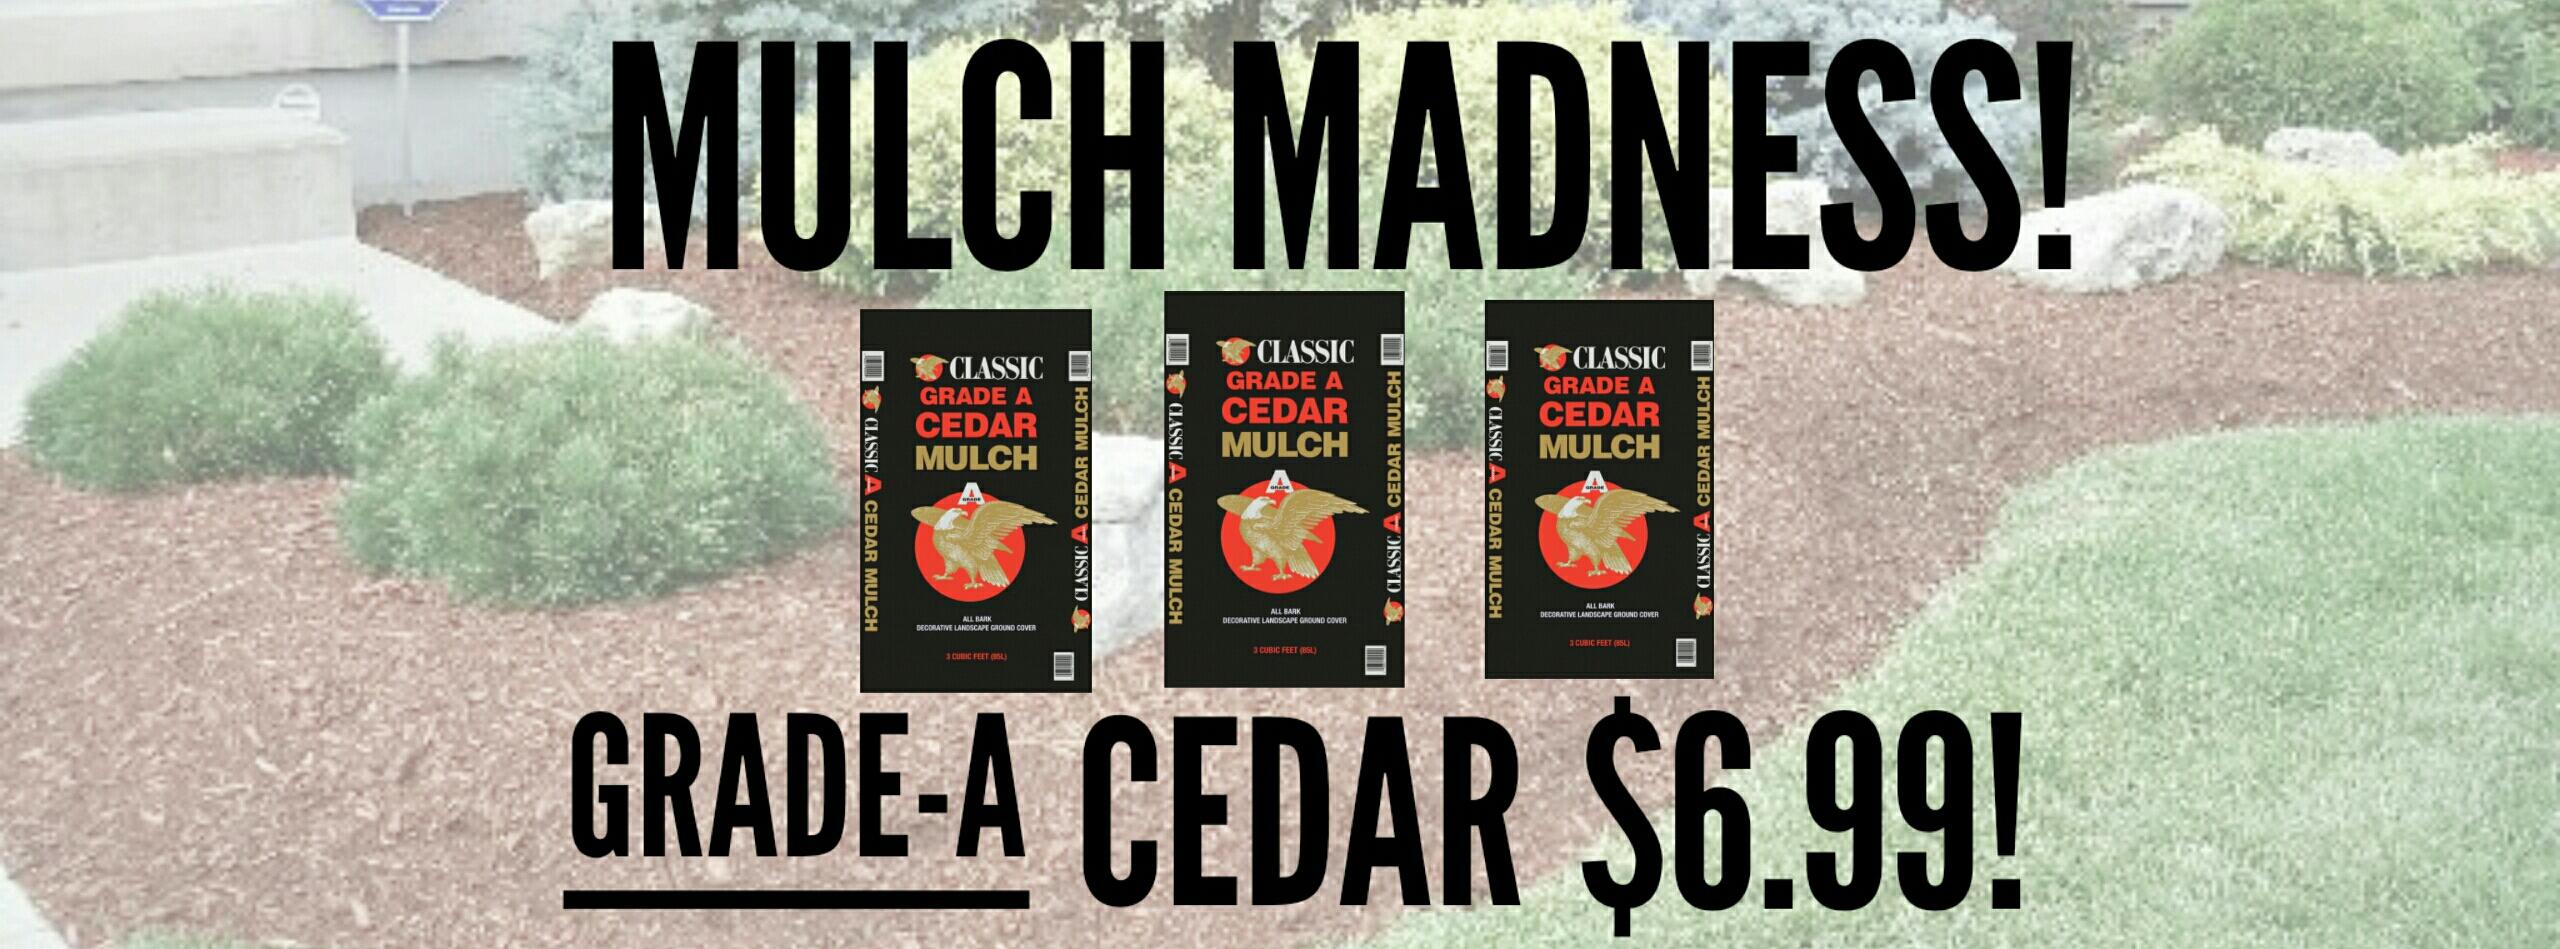 mulch madness cover 2020